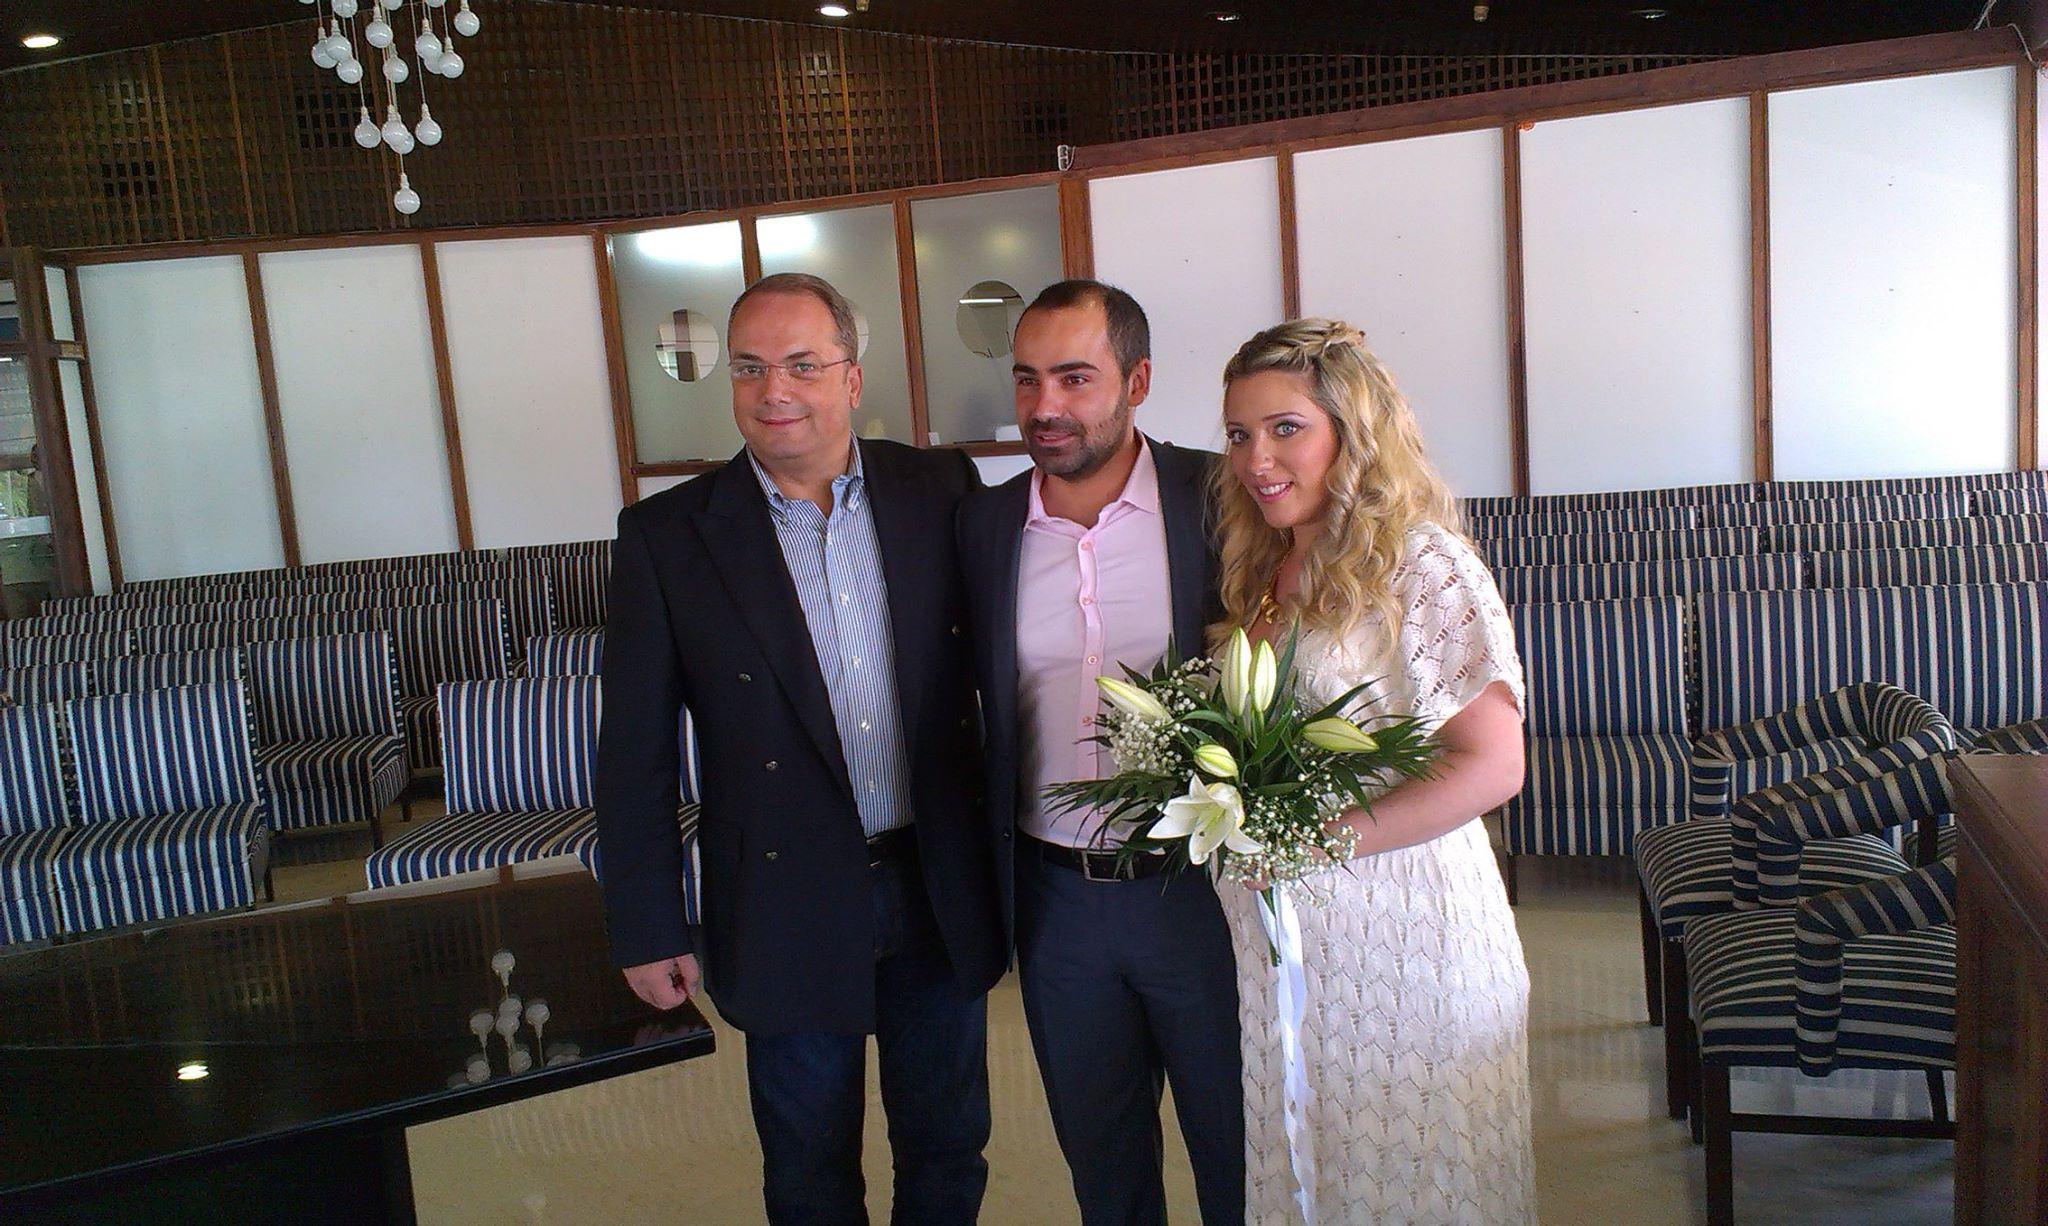 Τον πρώτο πολιτικό του γάμο τέλεσε ο Γρηγόρης Κωνσταντέλλος